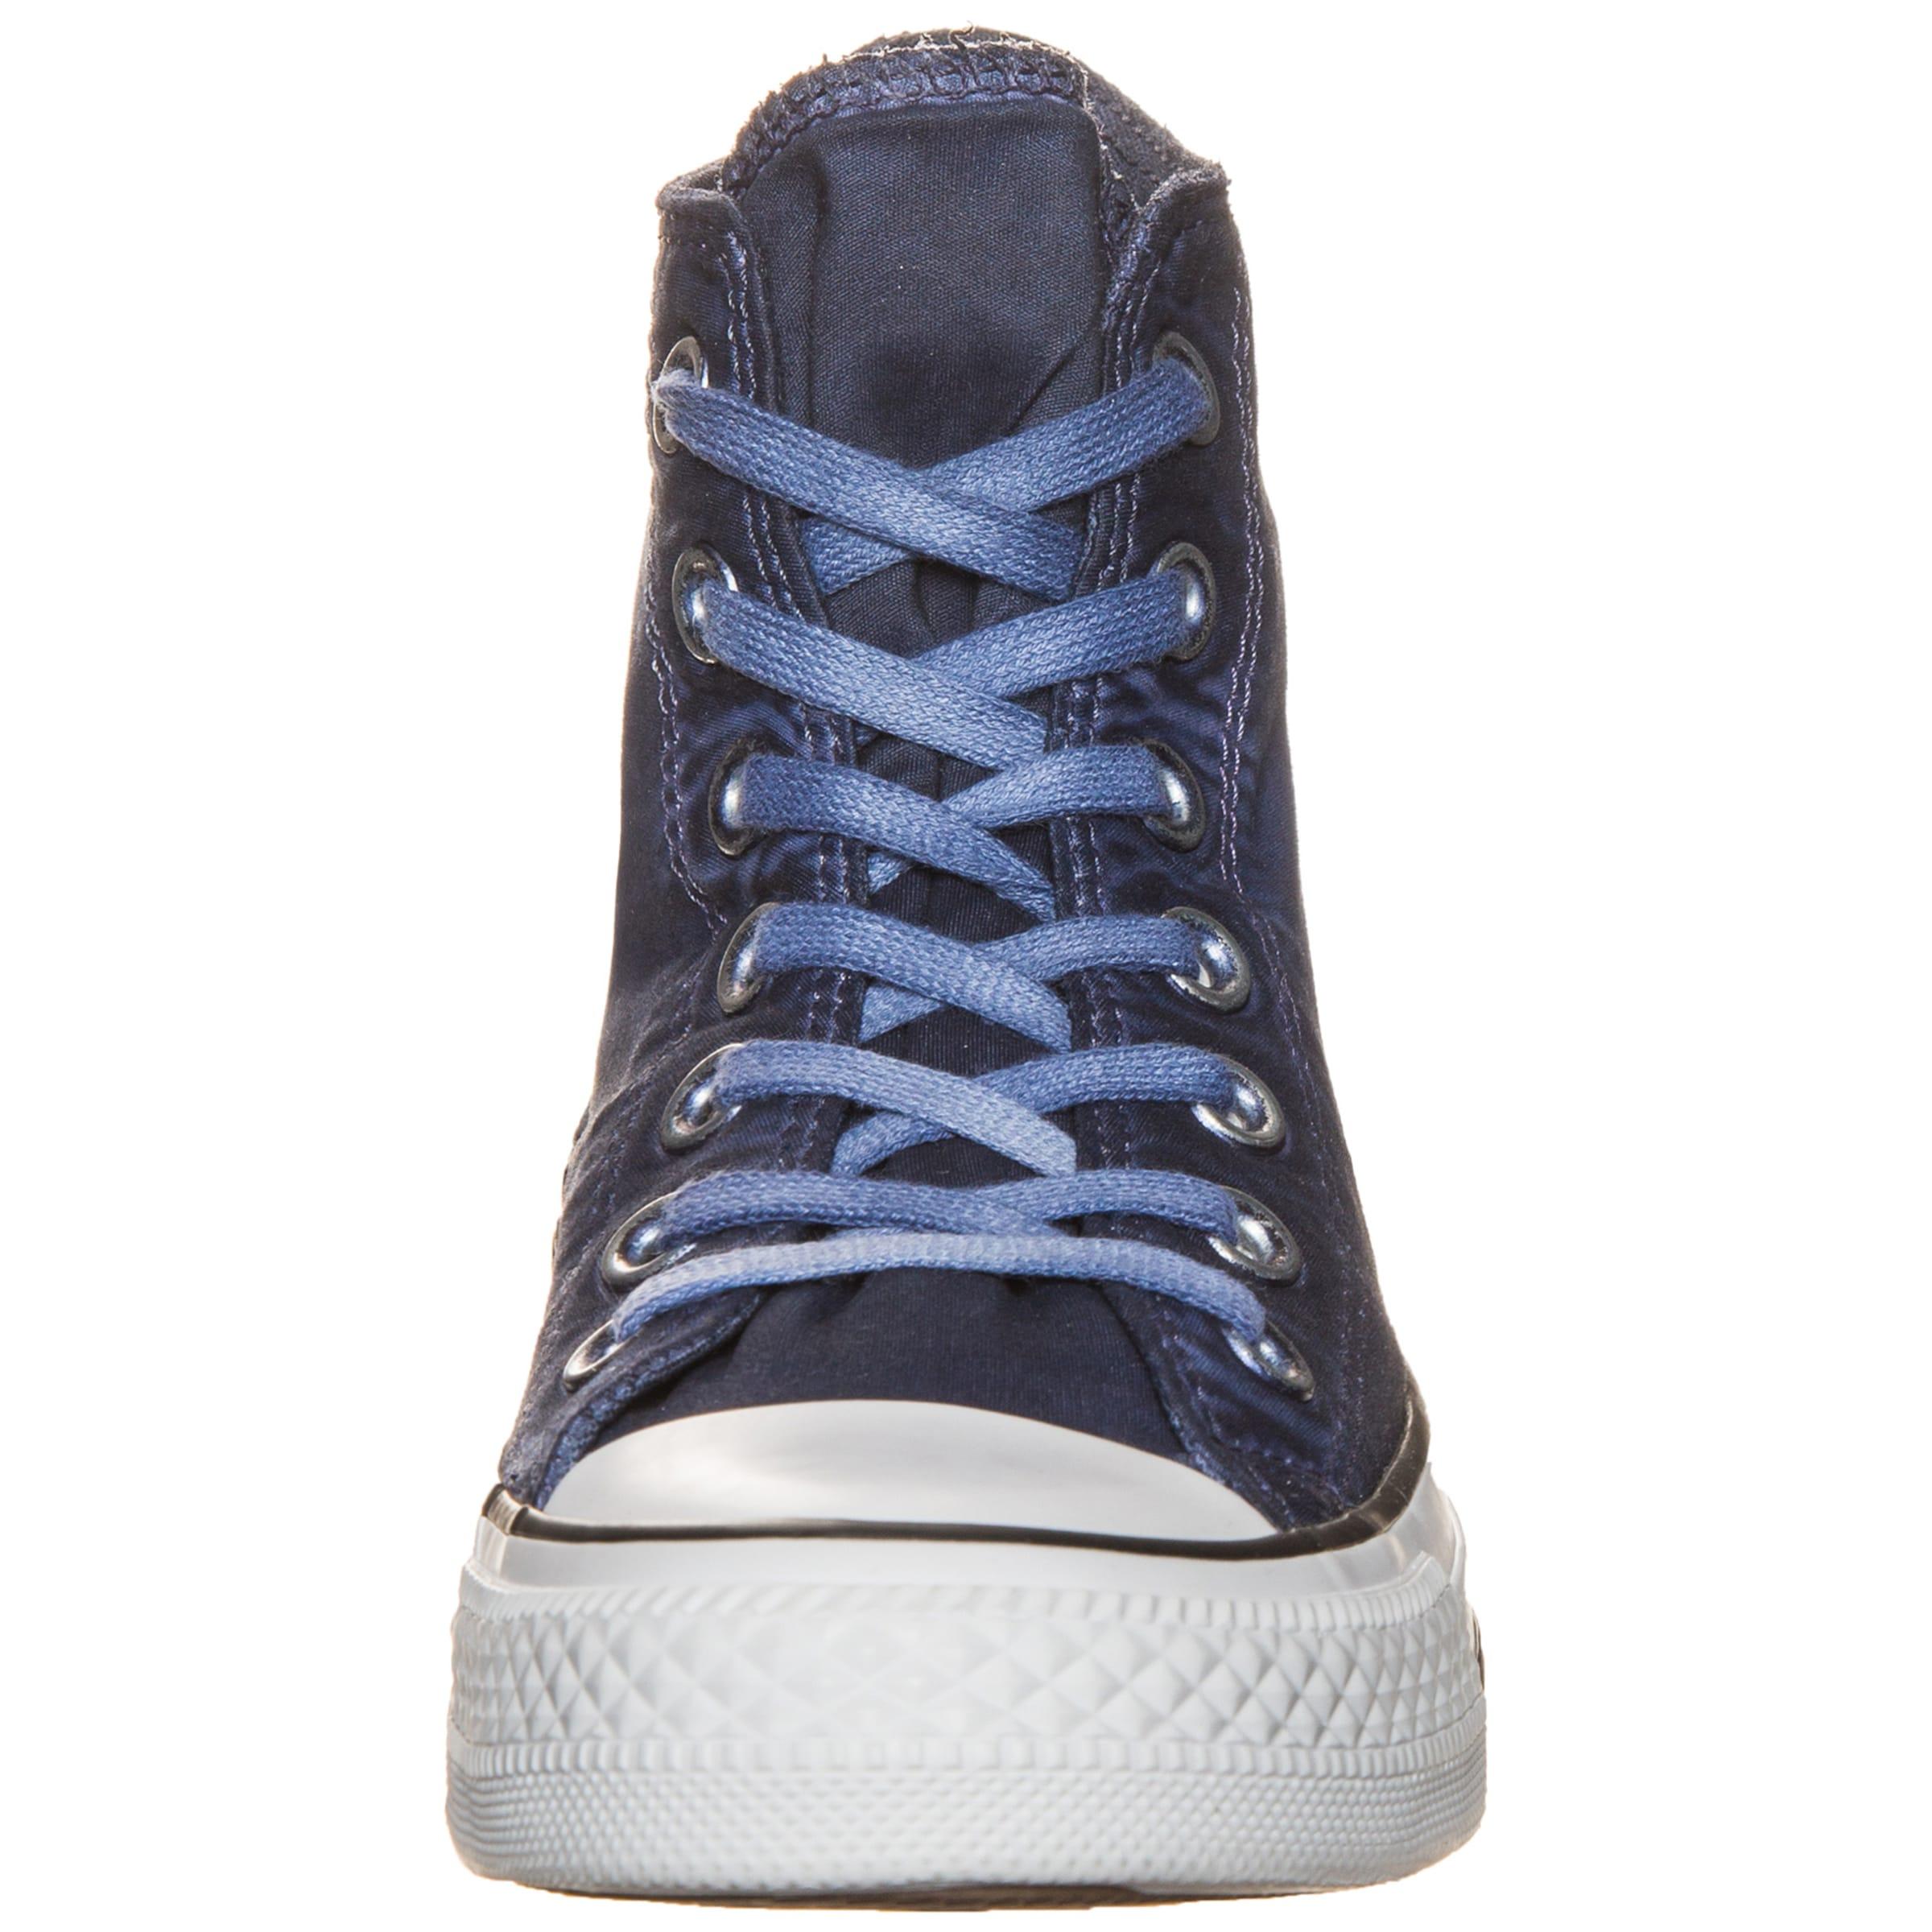 Countdown Paketverkauf Online Verkauf Besuch CONVERSE 'Chuck Taylor All Star High' Sneaker Rabatt Bester Platz Echte Online Größte Lieferant Für Verkauf okKSA3